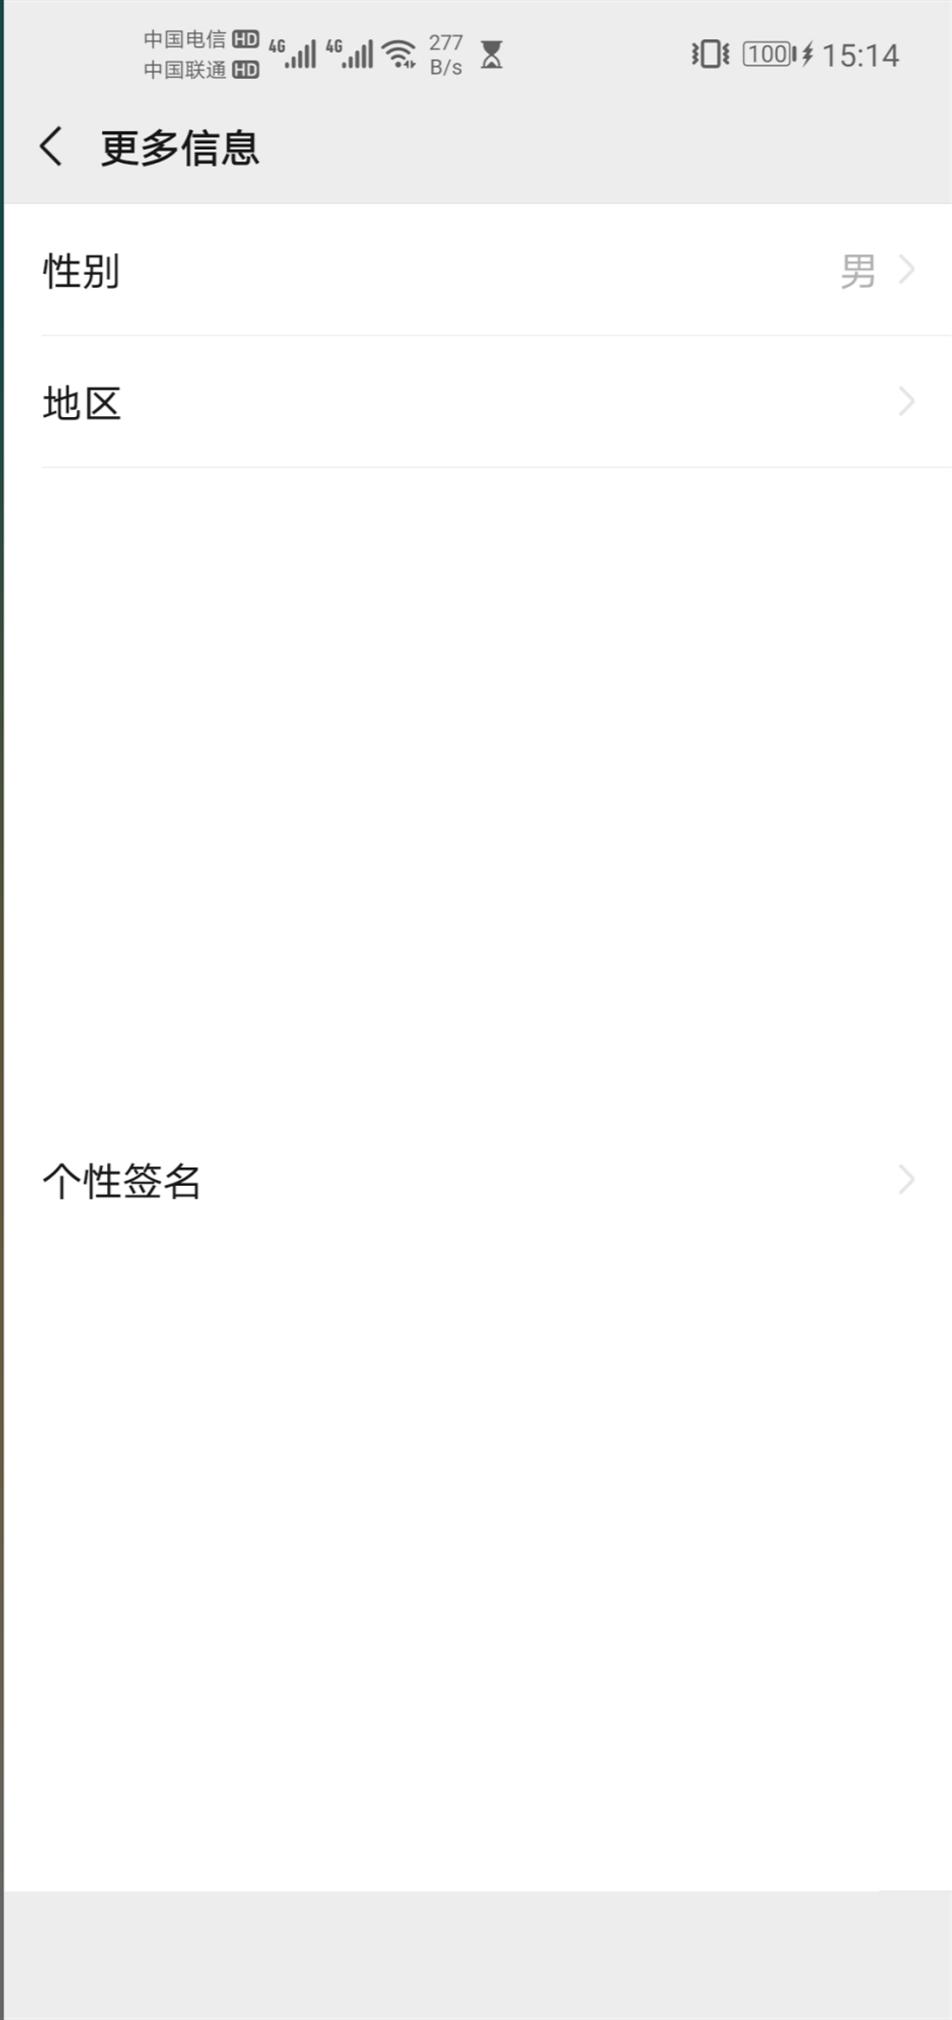 微信超长空白签名截图2